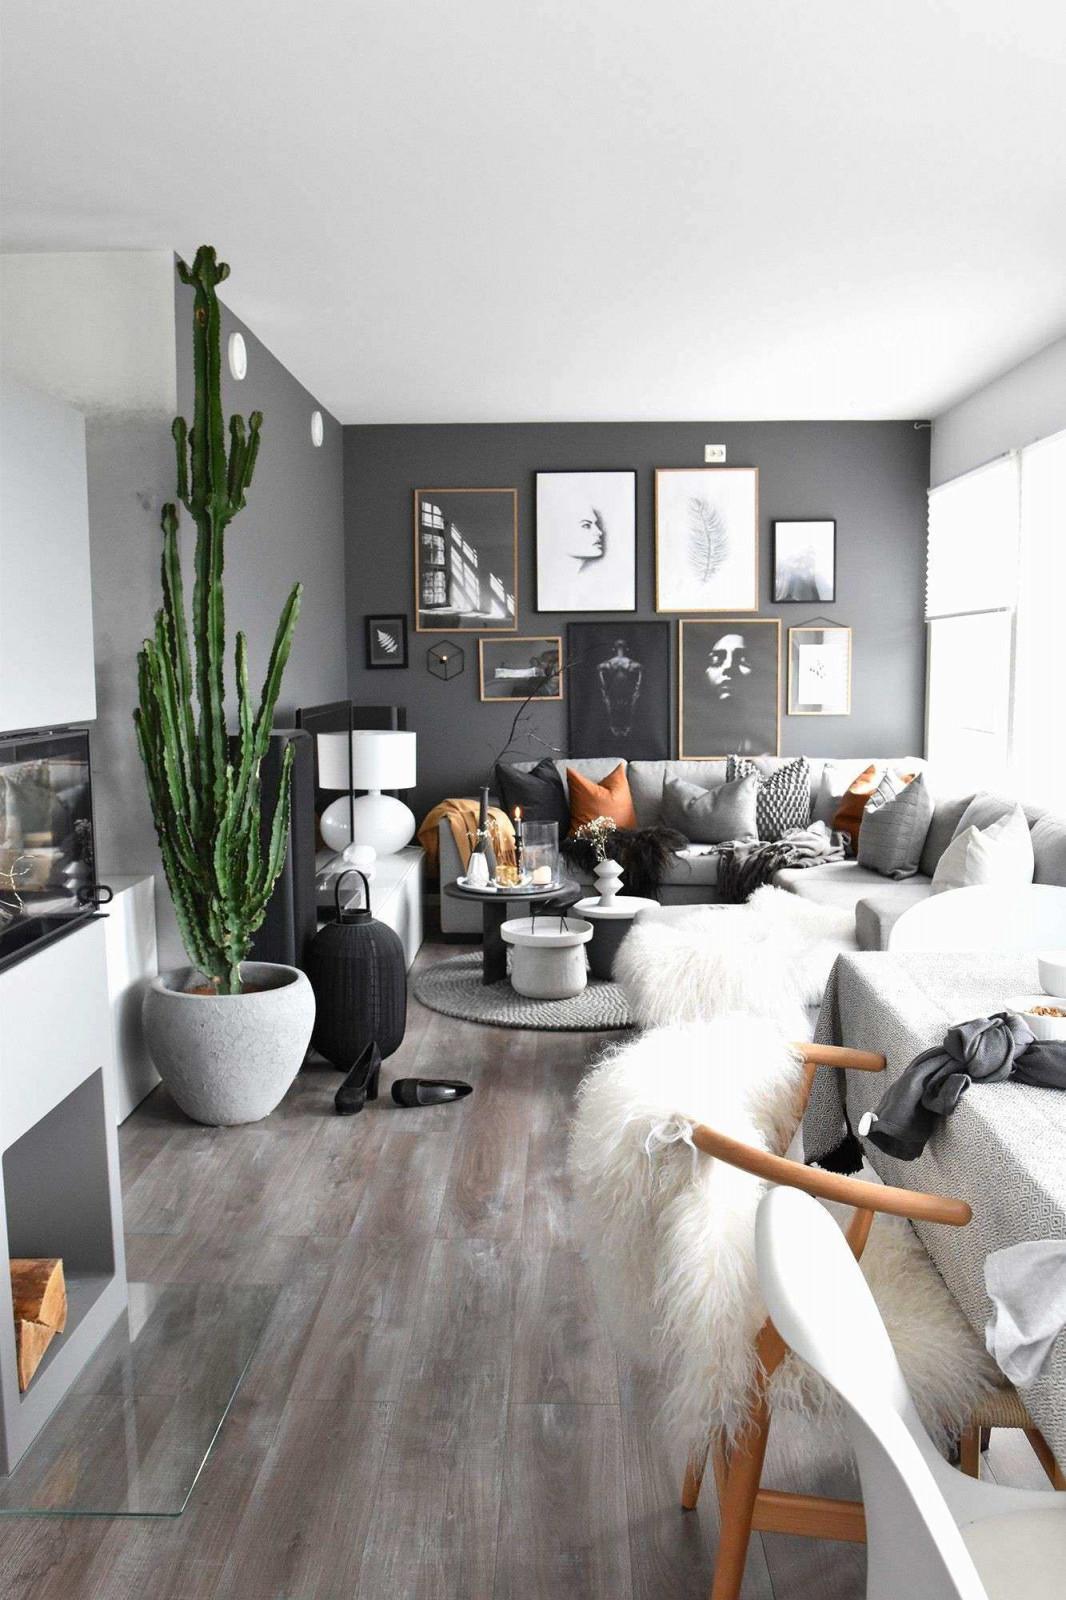 59 Genial Esszimmer Einrichten Ideen Einzigartig  Tolles von Wohnzimmer Esszimmer Ideen Bild